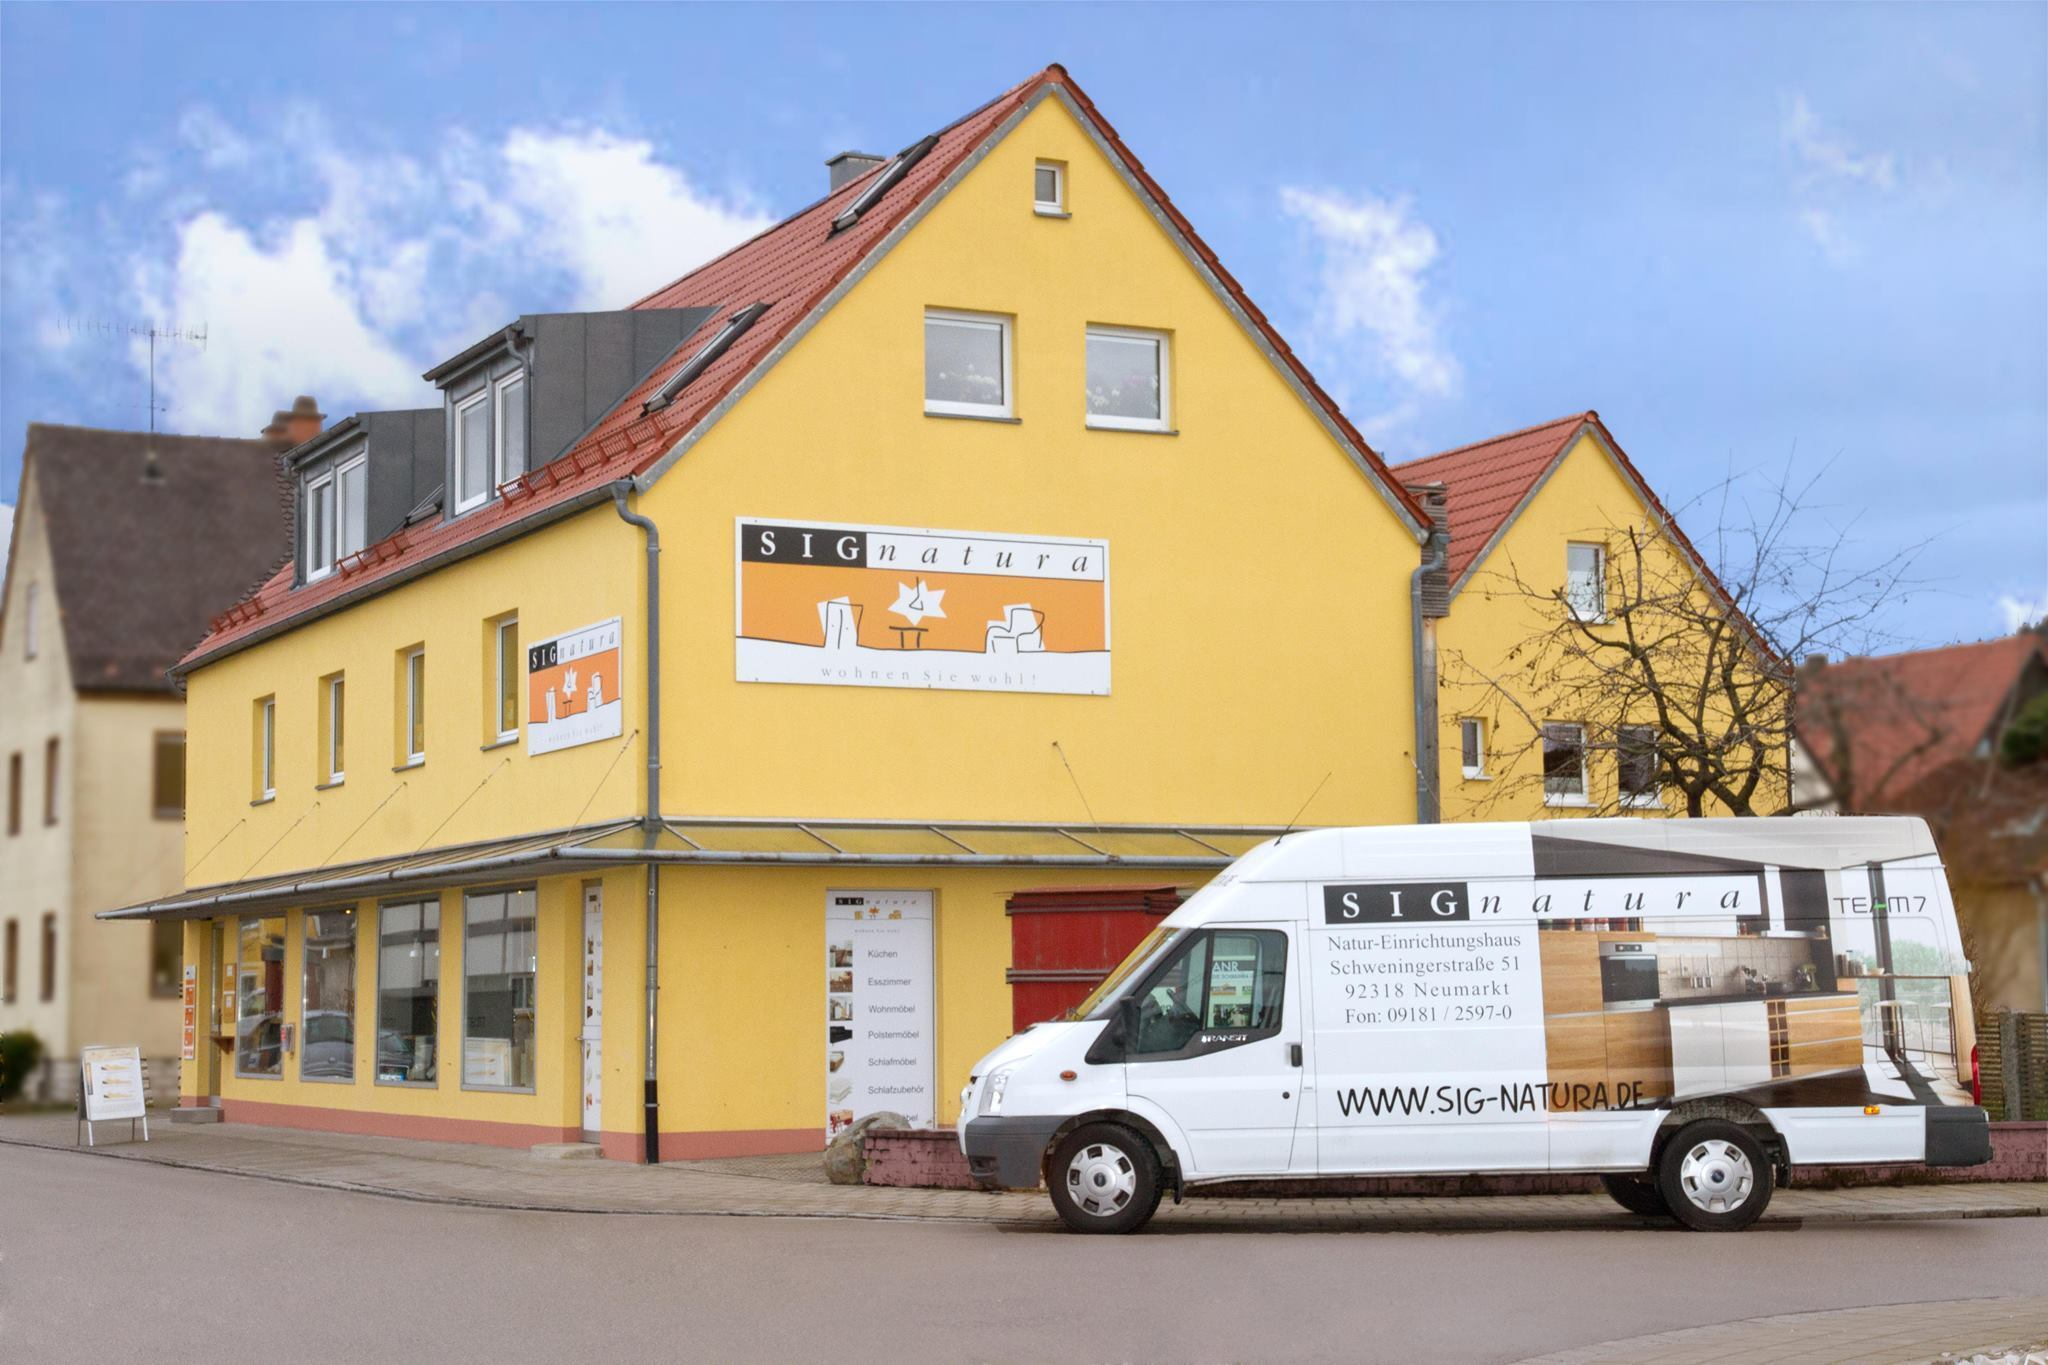 Signatura Natürlicher Talalay Latex Matratzentoppergeschäft In Neumarkt Bayern